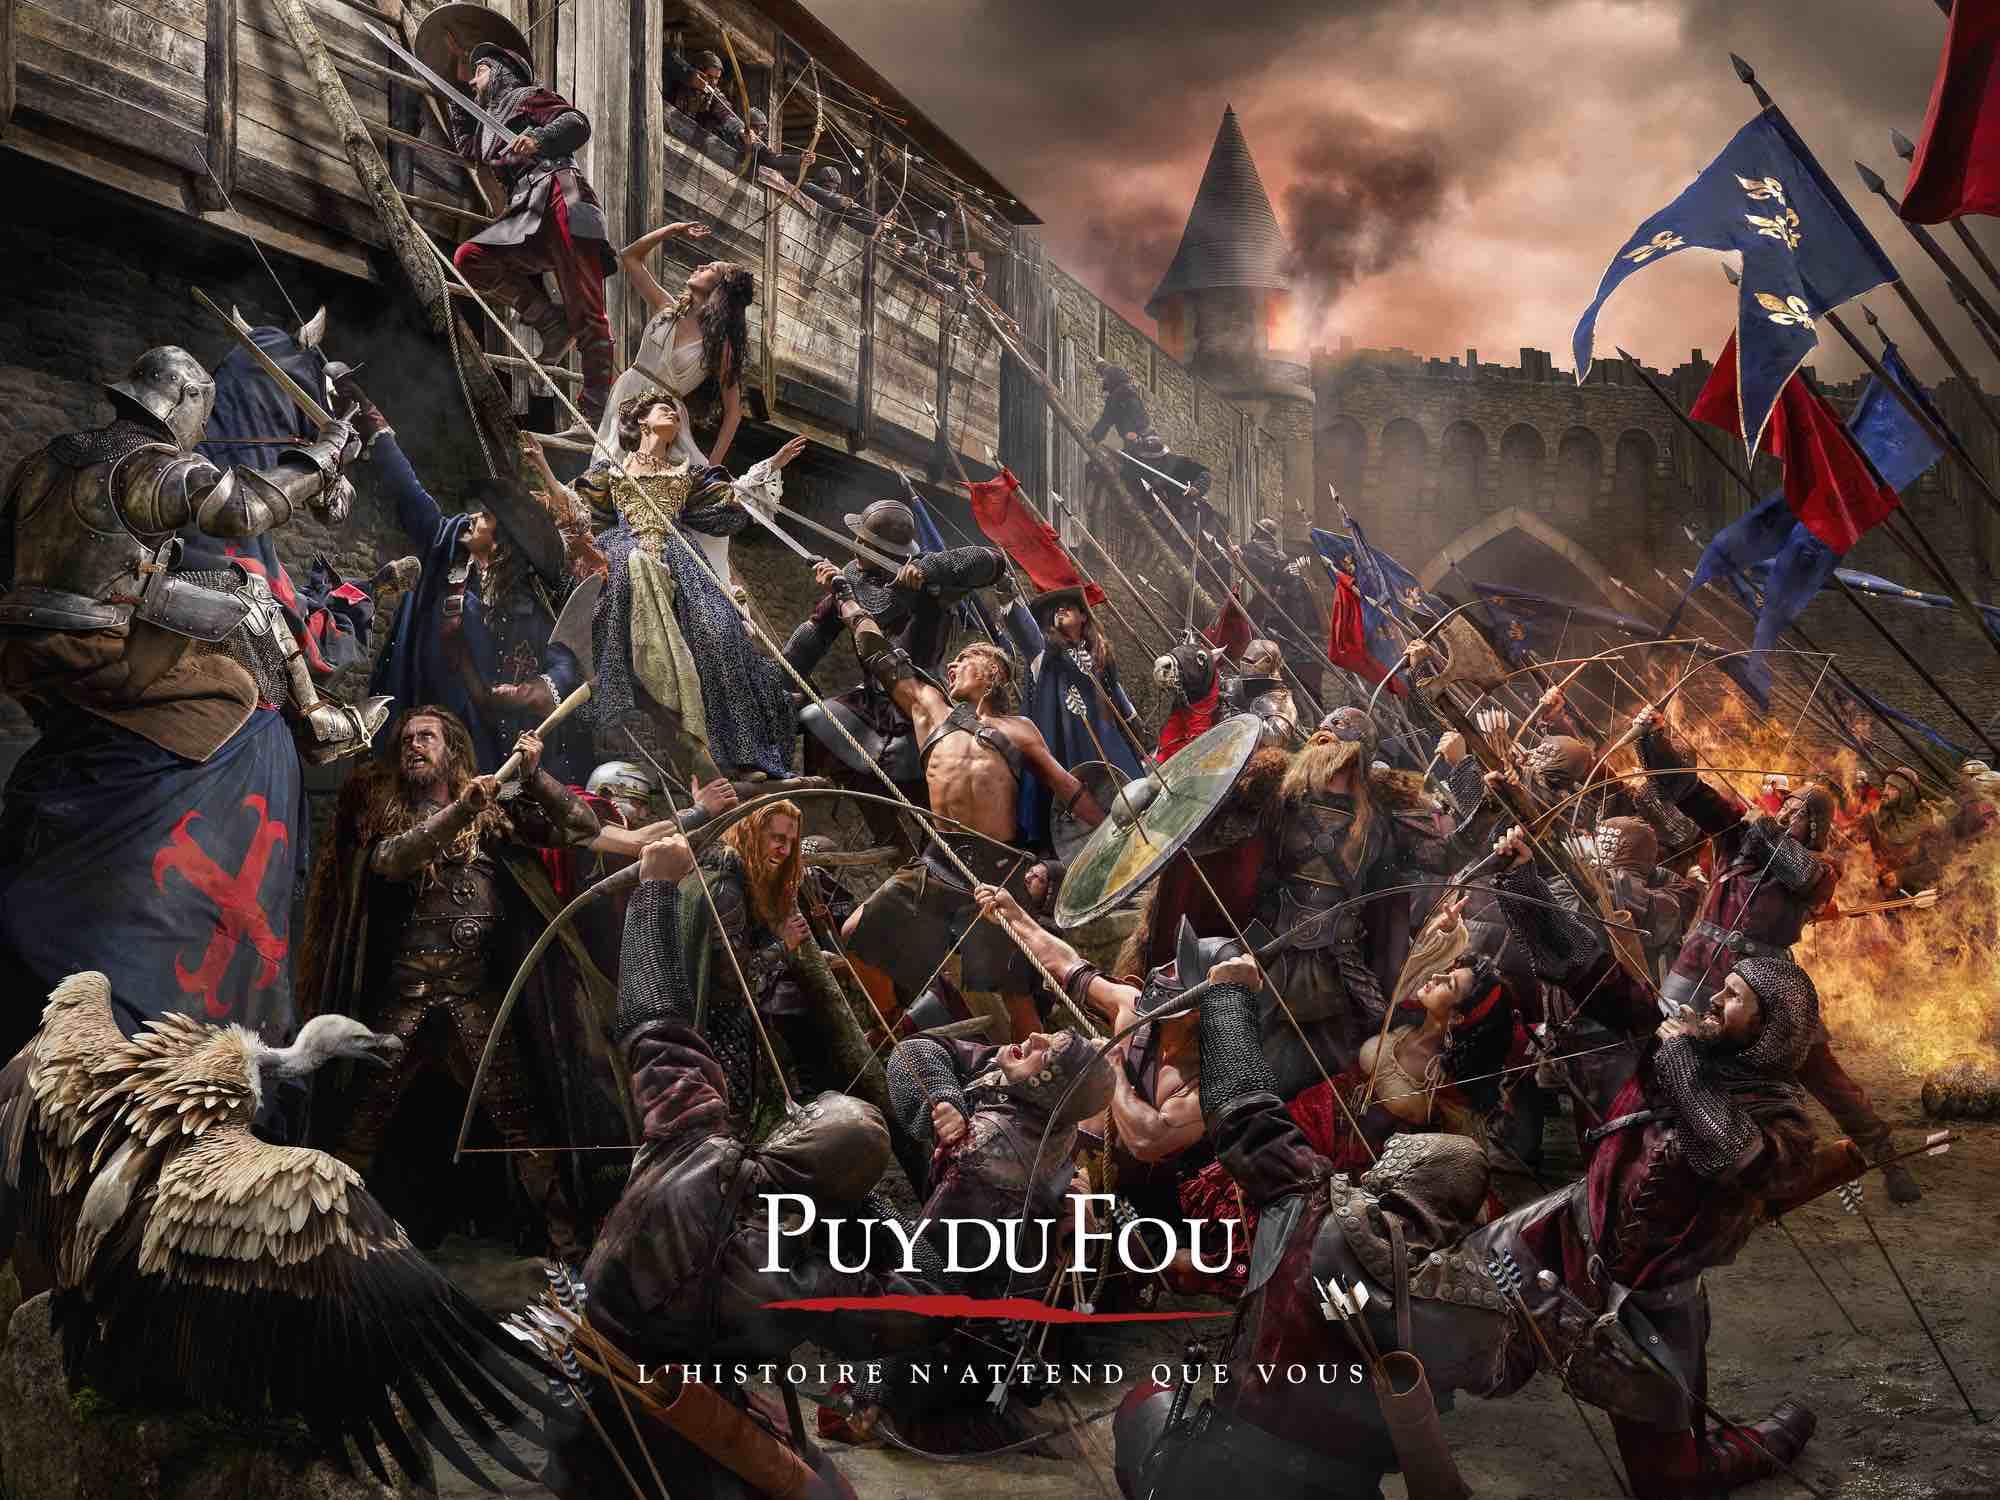 scene epique d'assaut d'une forteresse. Mélange d'époque et de genres pour cette fresque à la manière des grands tableaux.